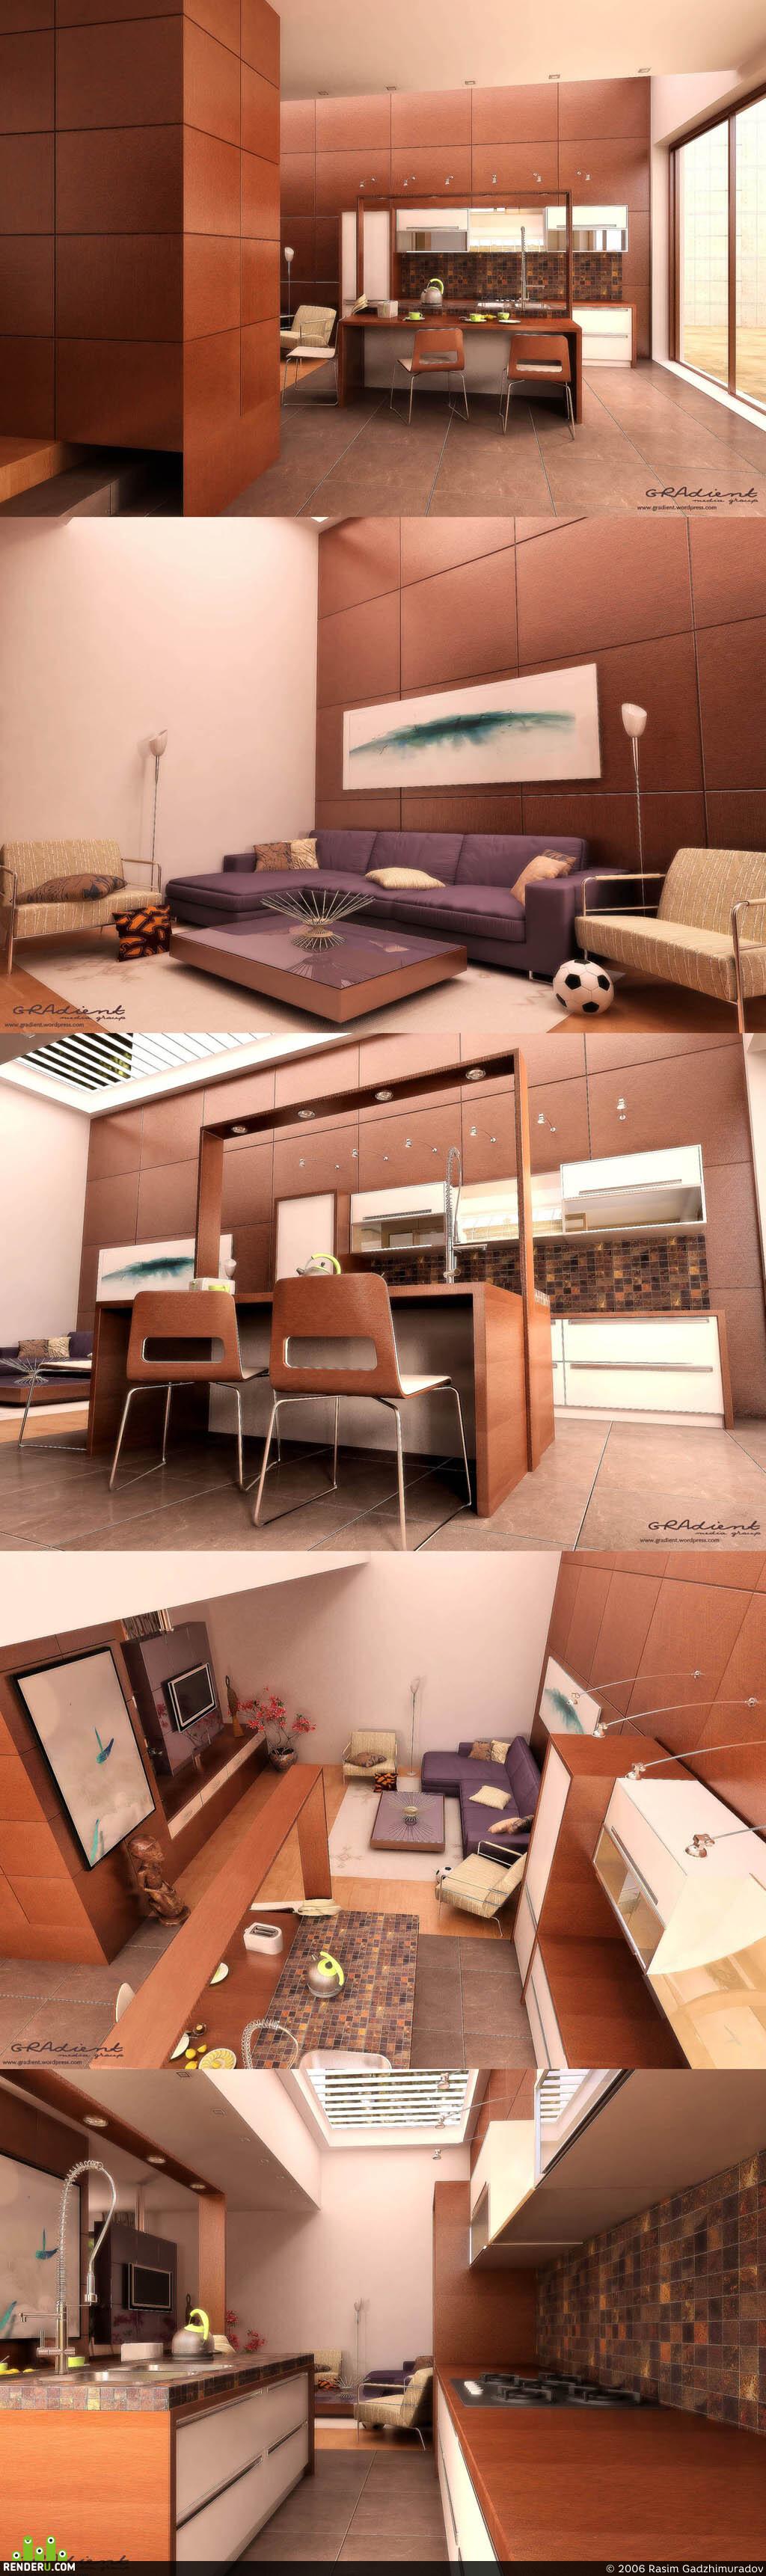 preview кухня+гостиная